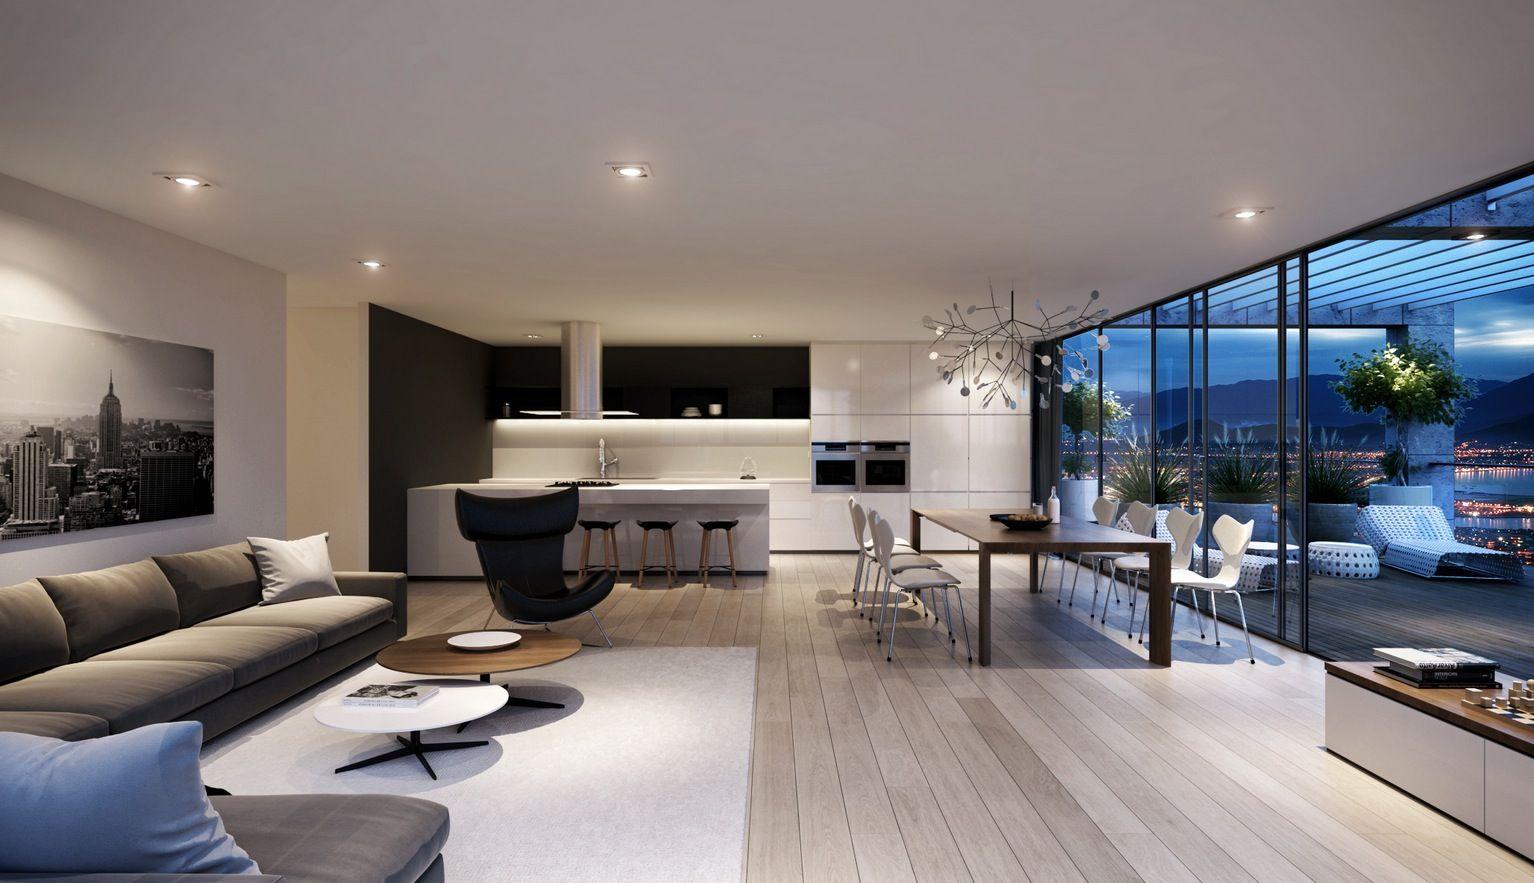 Veliki Prozori Za Više Svjetla U Vašem Dnevnom Boravku Uređenje - Living room design ideas modern